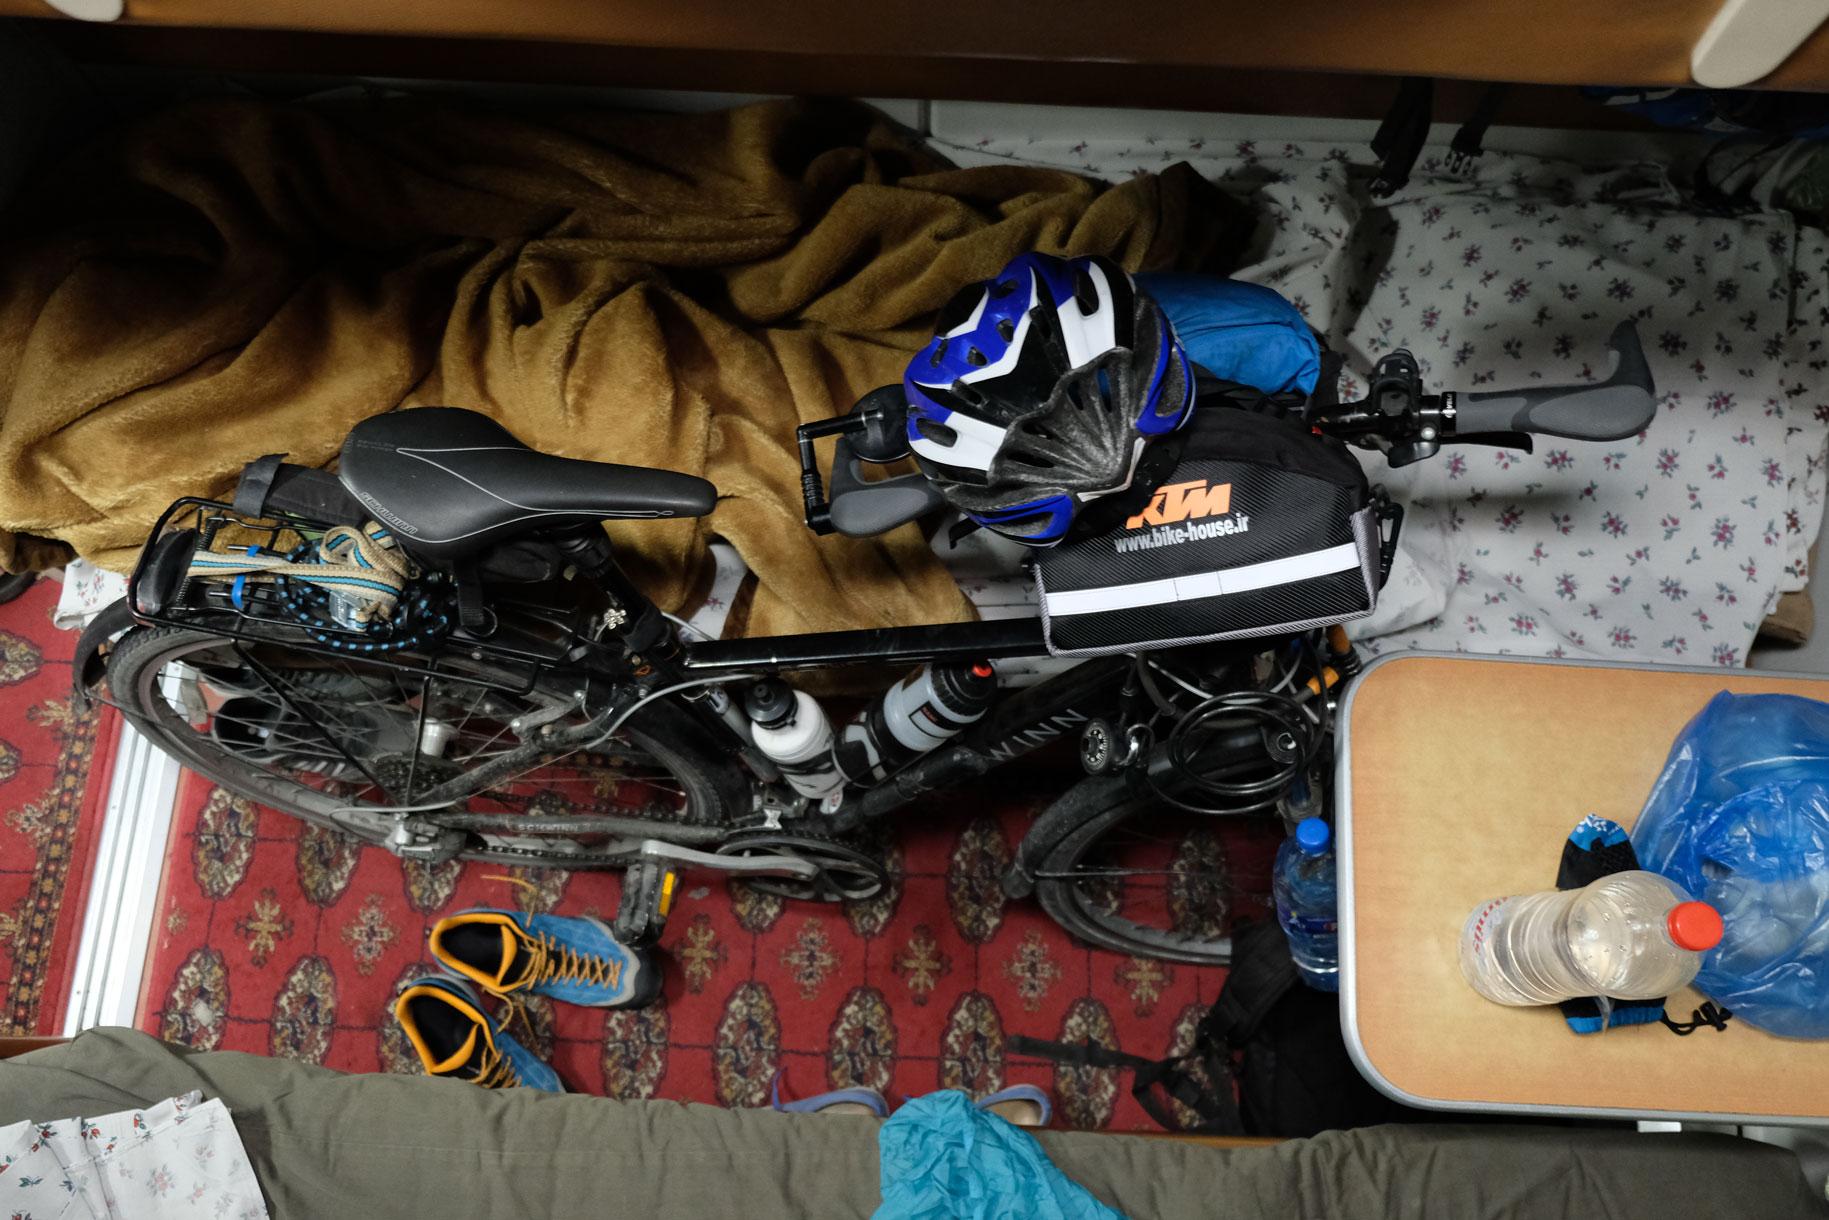 Fahrrad im Abteil. Das Zugpersonal kann wieder aufatmen, das sperrige Gepäckstück ist verstaut.